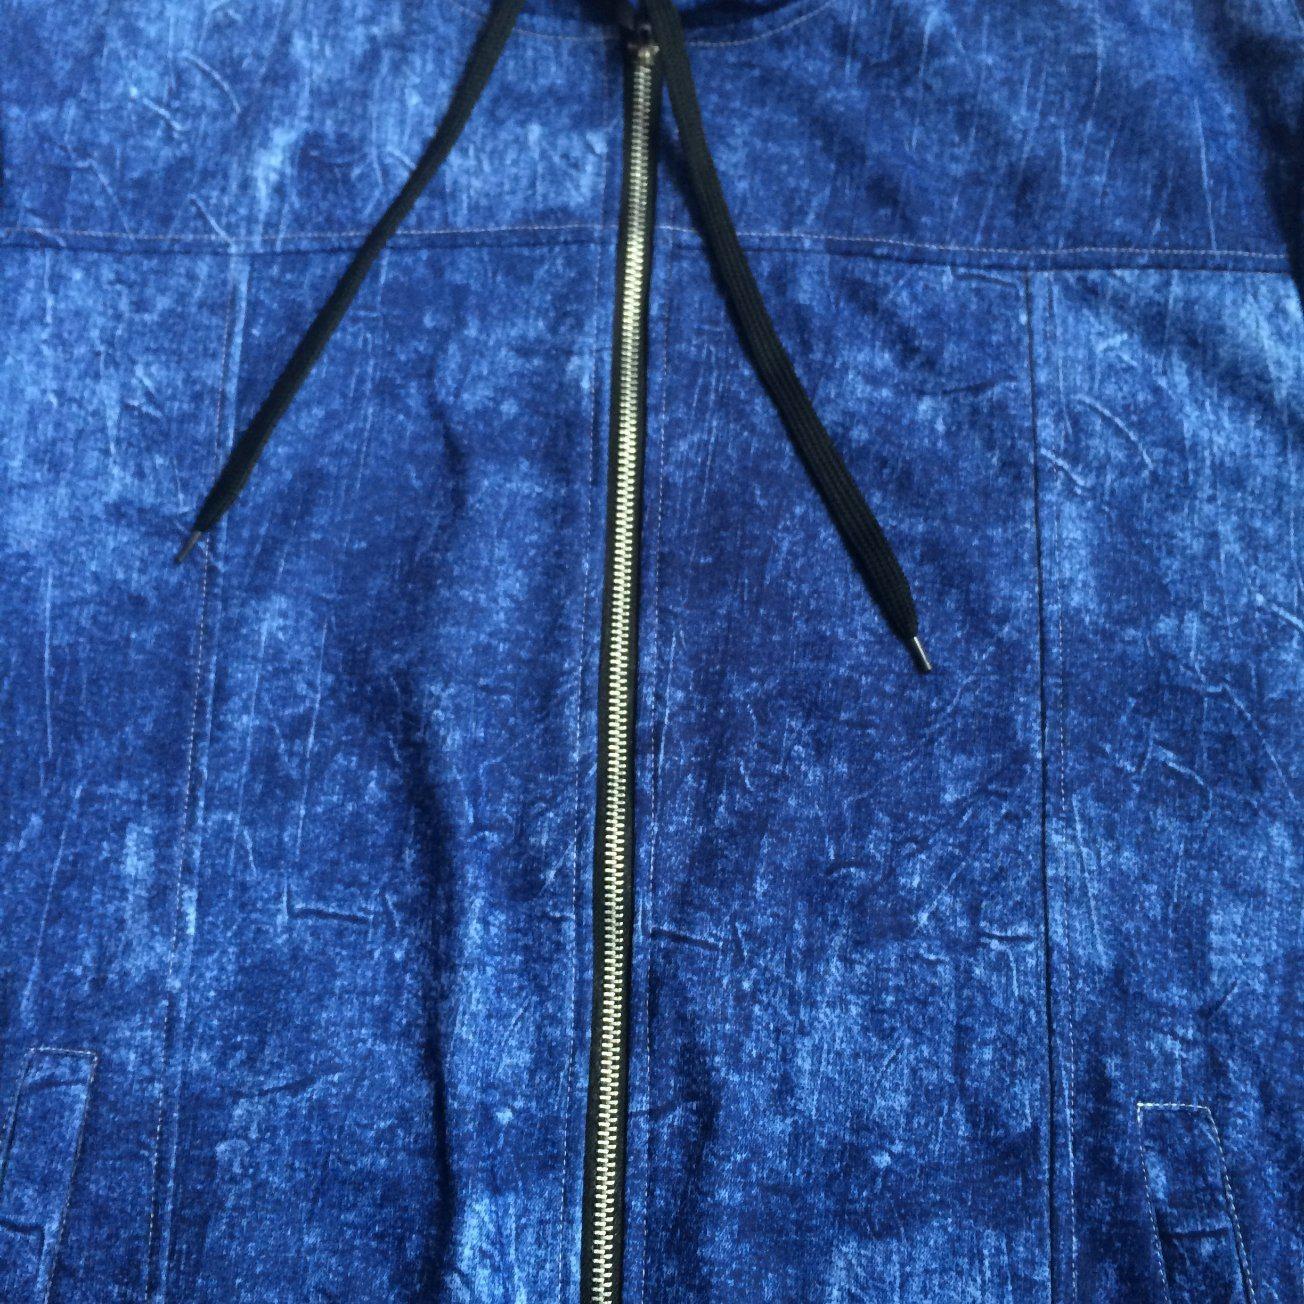 Fashion Fleece Zip-up Man Denim Sport Hoodies Clothes in Audlt Sport Wear Fw-8664